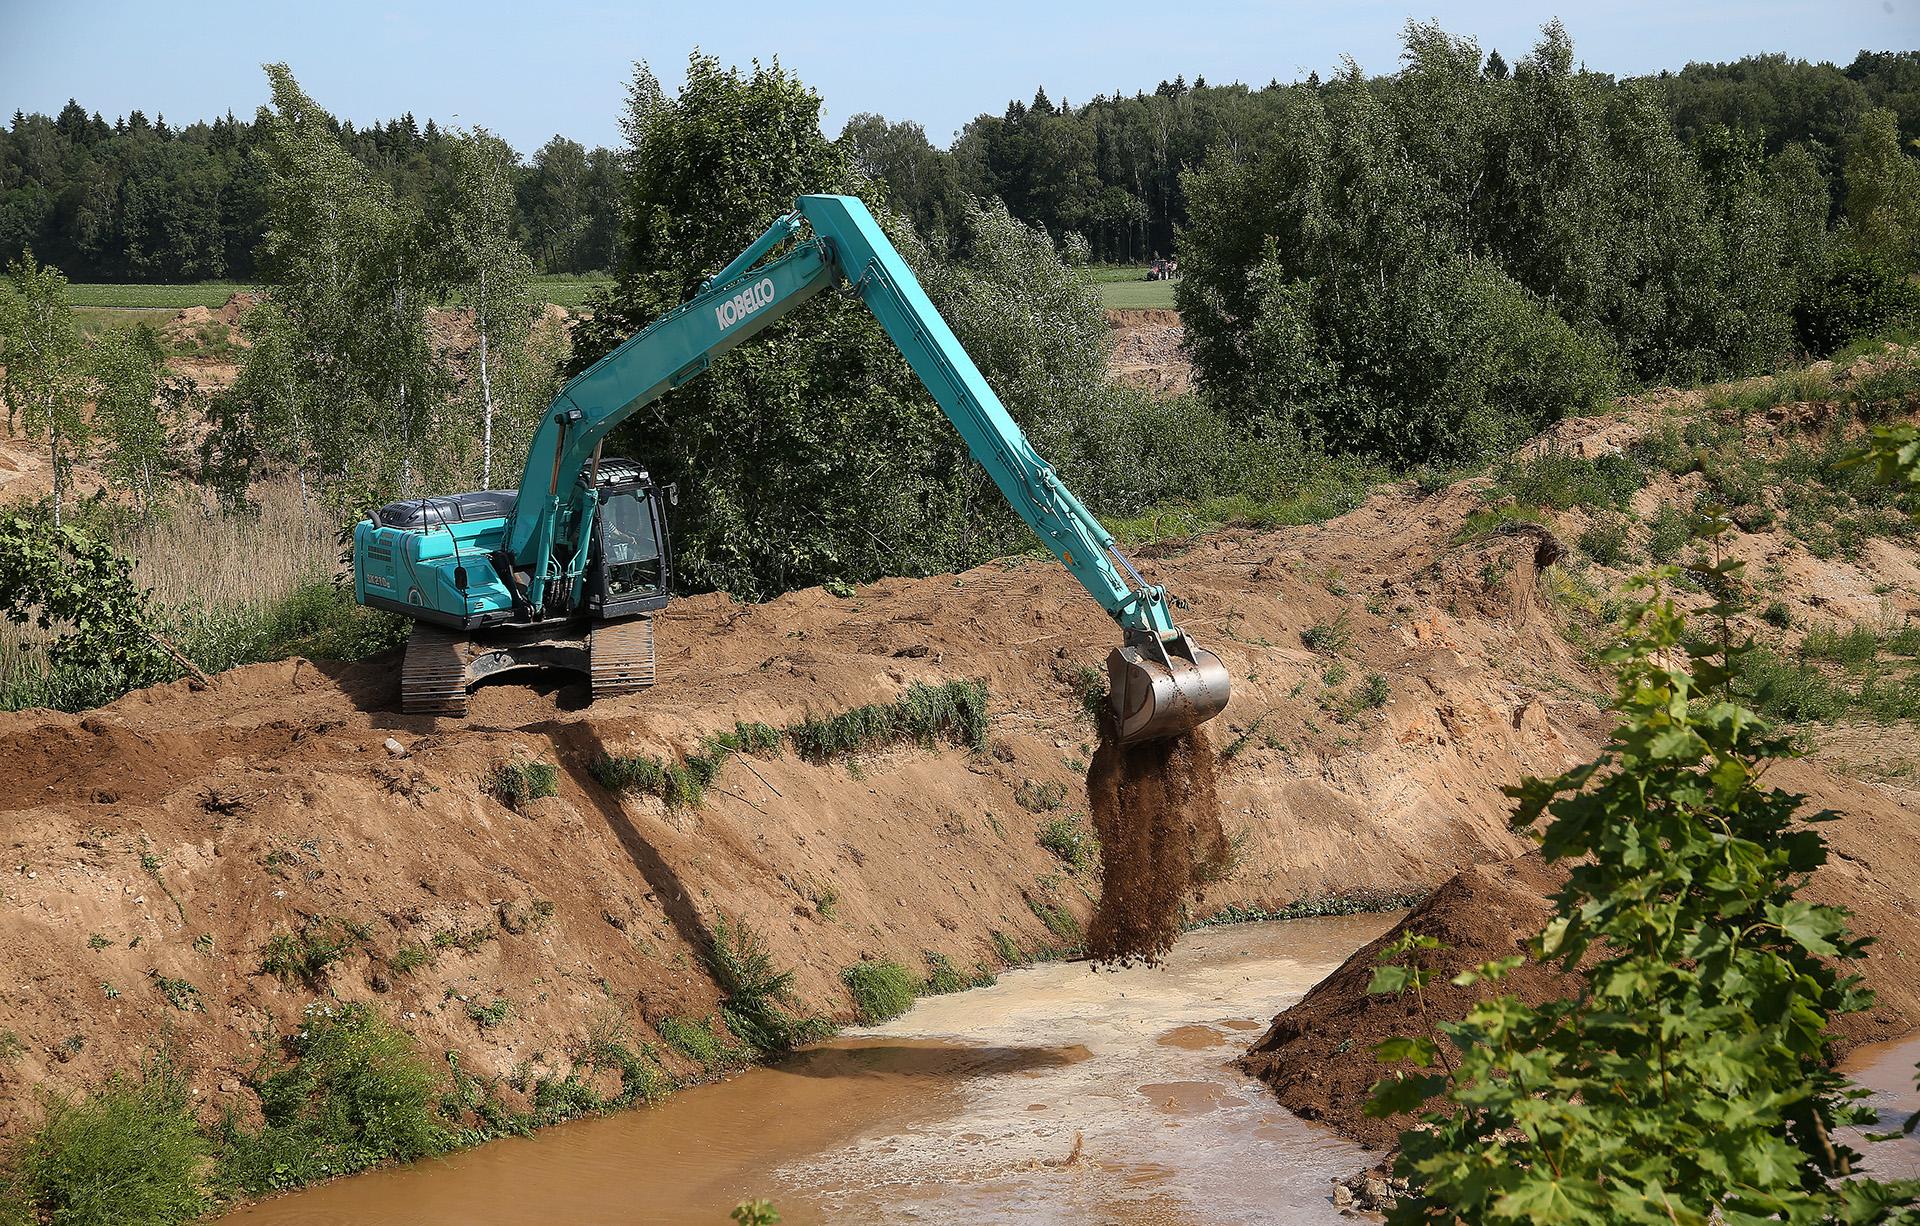 Pavažiavę keletą kilometrų galų gale išvystame didžiulius vandens plotus – tai garsieji Milžemių karjerai. Čia kasamas žvyras jau daugybę metų, karjerai veikia iki šiol. A. Barzdžiaus nuotr.